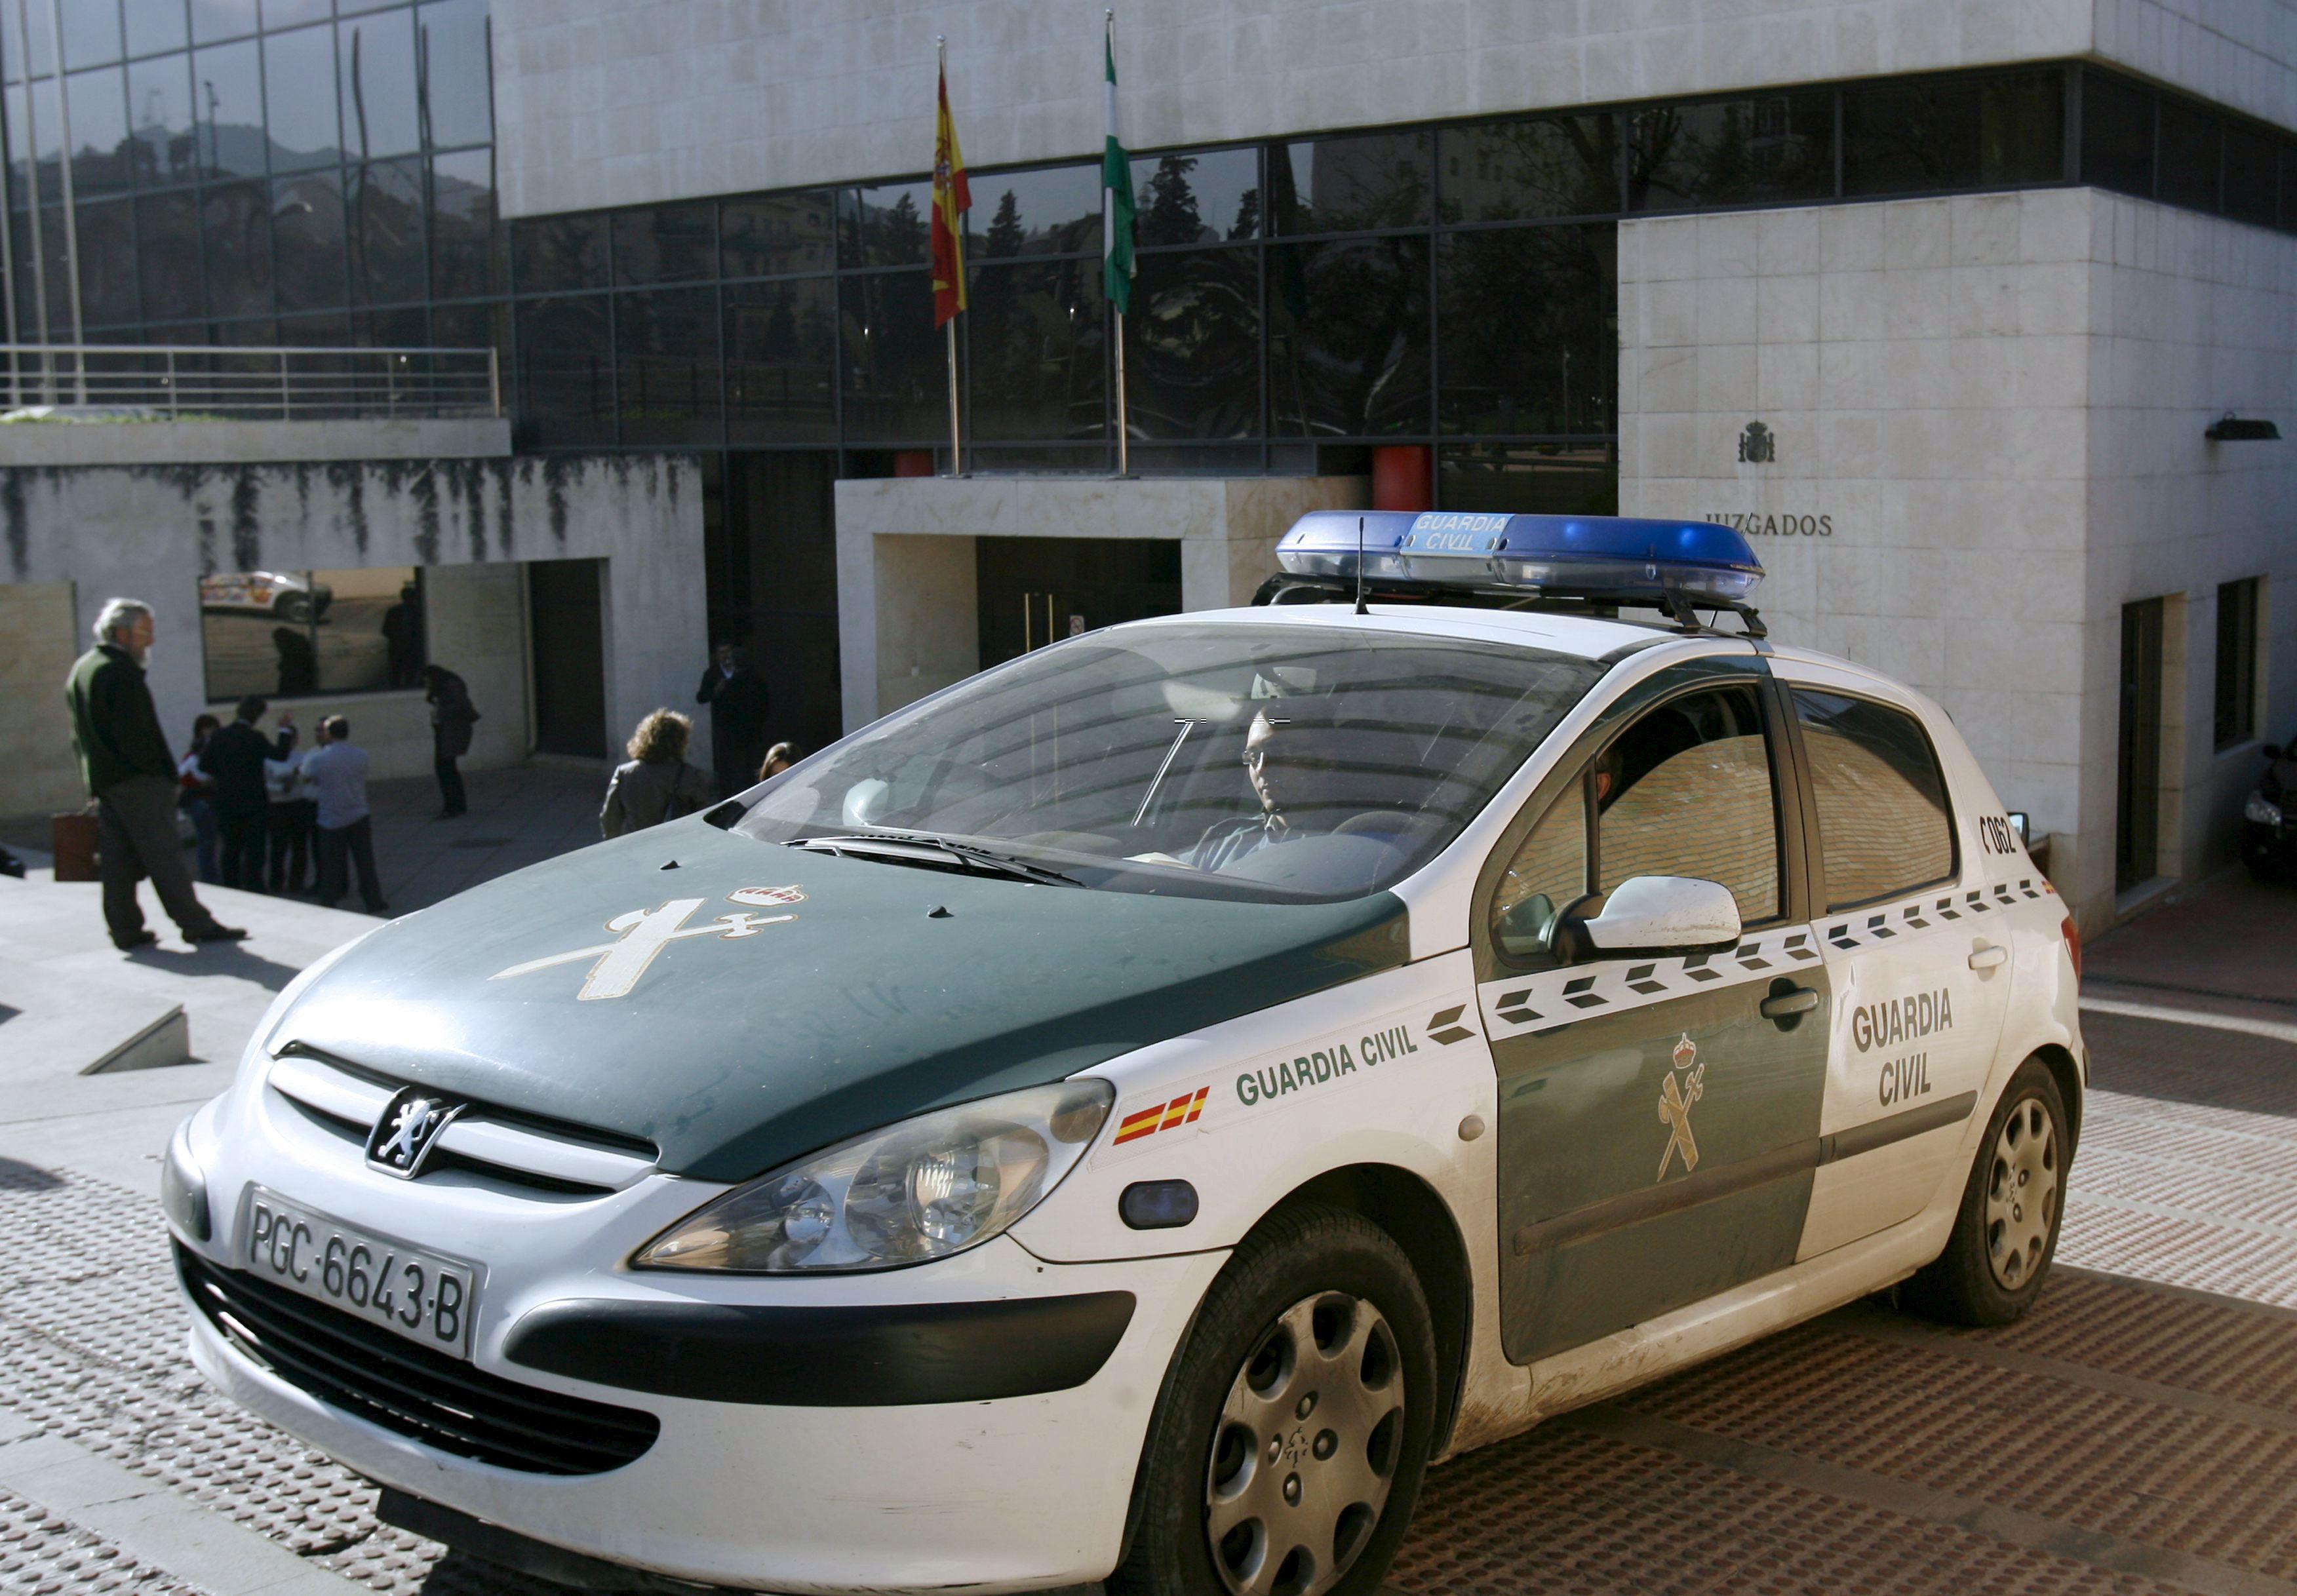 Incautados en Barajas 55 kilos de cocaína escondida en caramelos y cosméticos